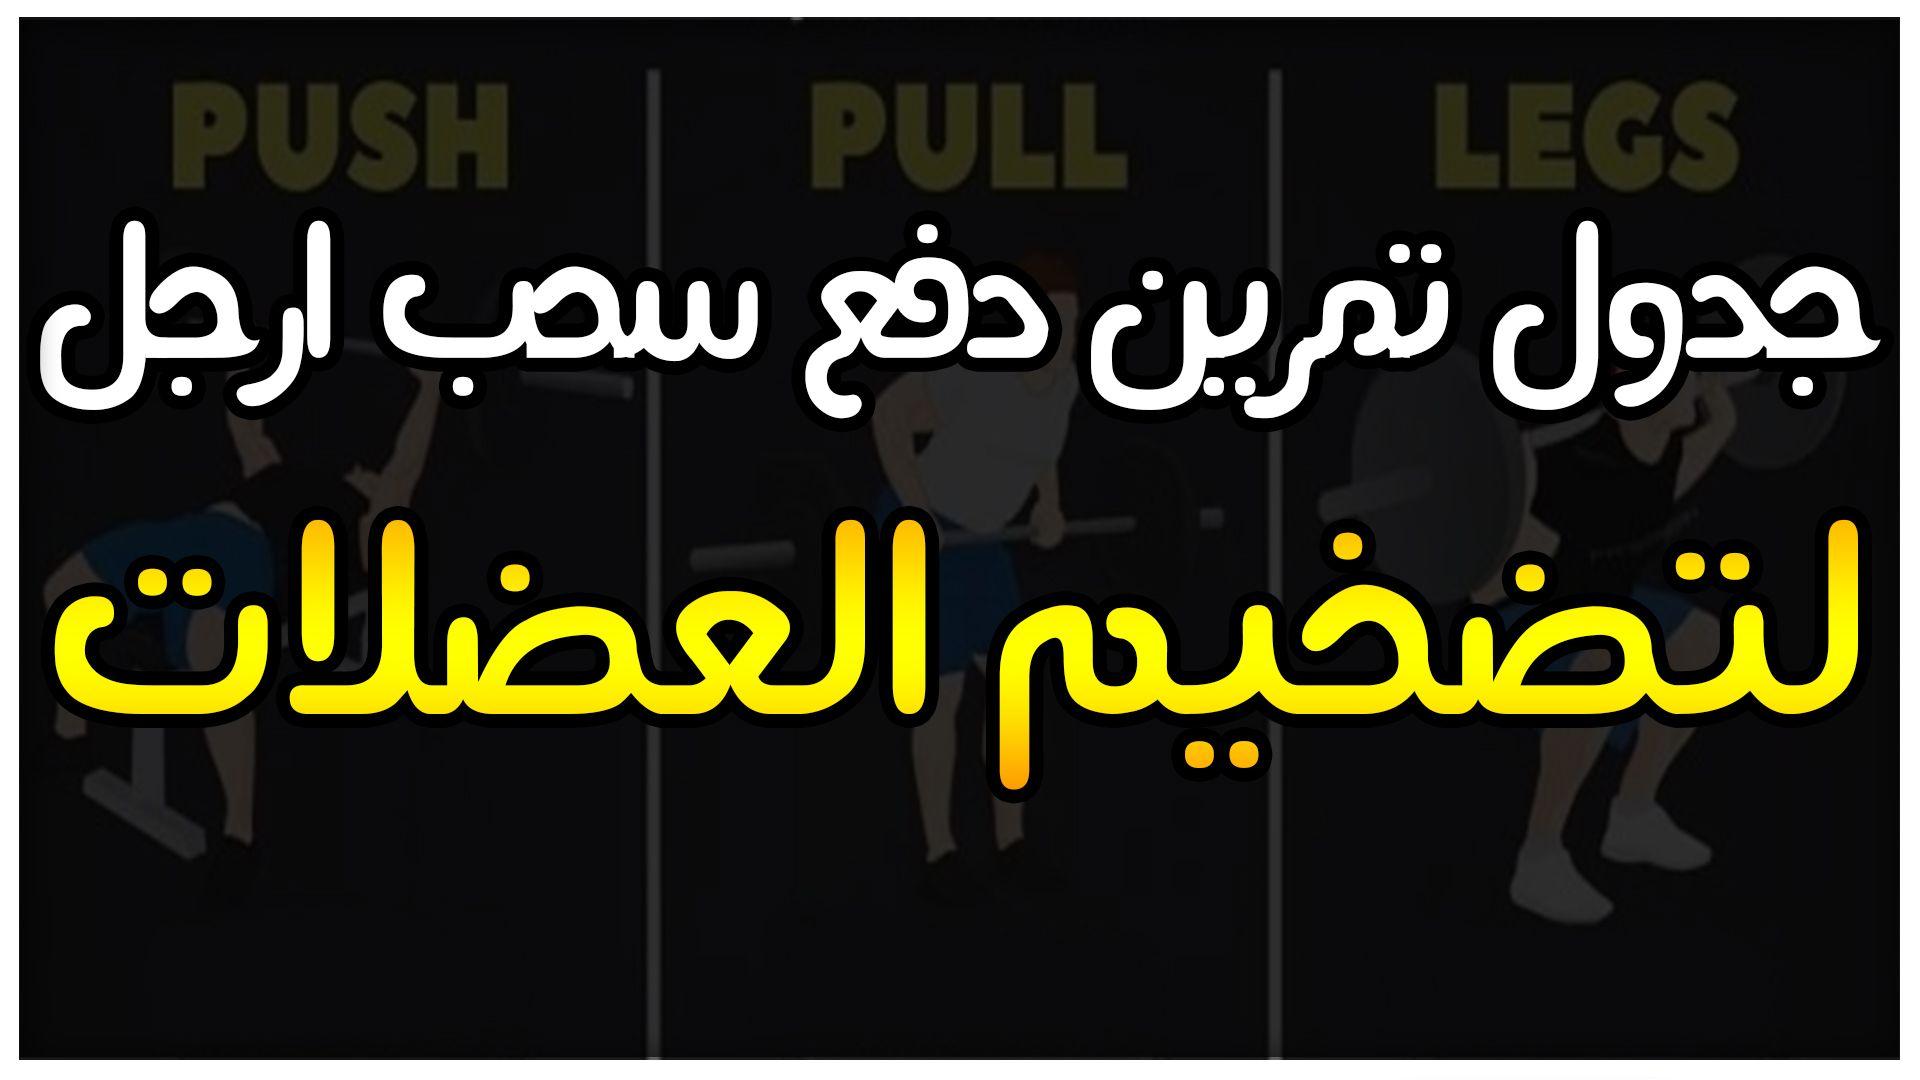 جدول تمرين دفع سحب ارجل لتضخيم العضلات Push Pull Legs تمارين Push Pull Legs Company Logo Tech Company Logos